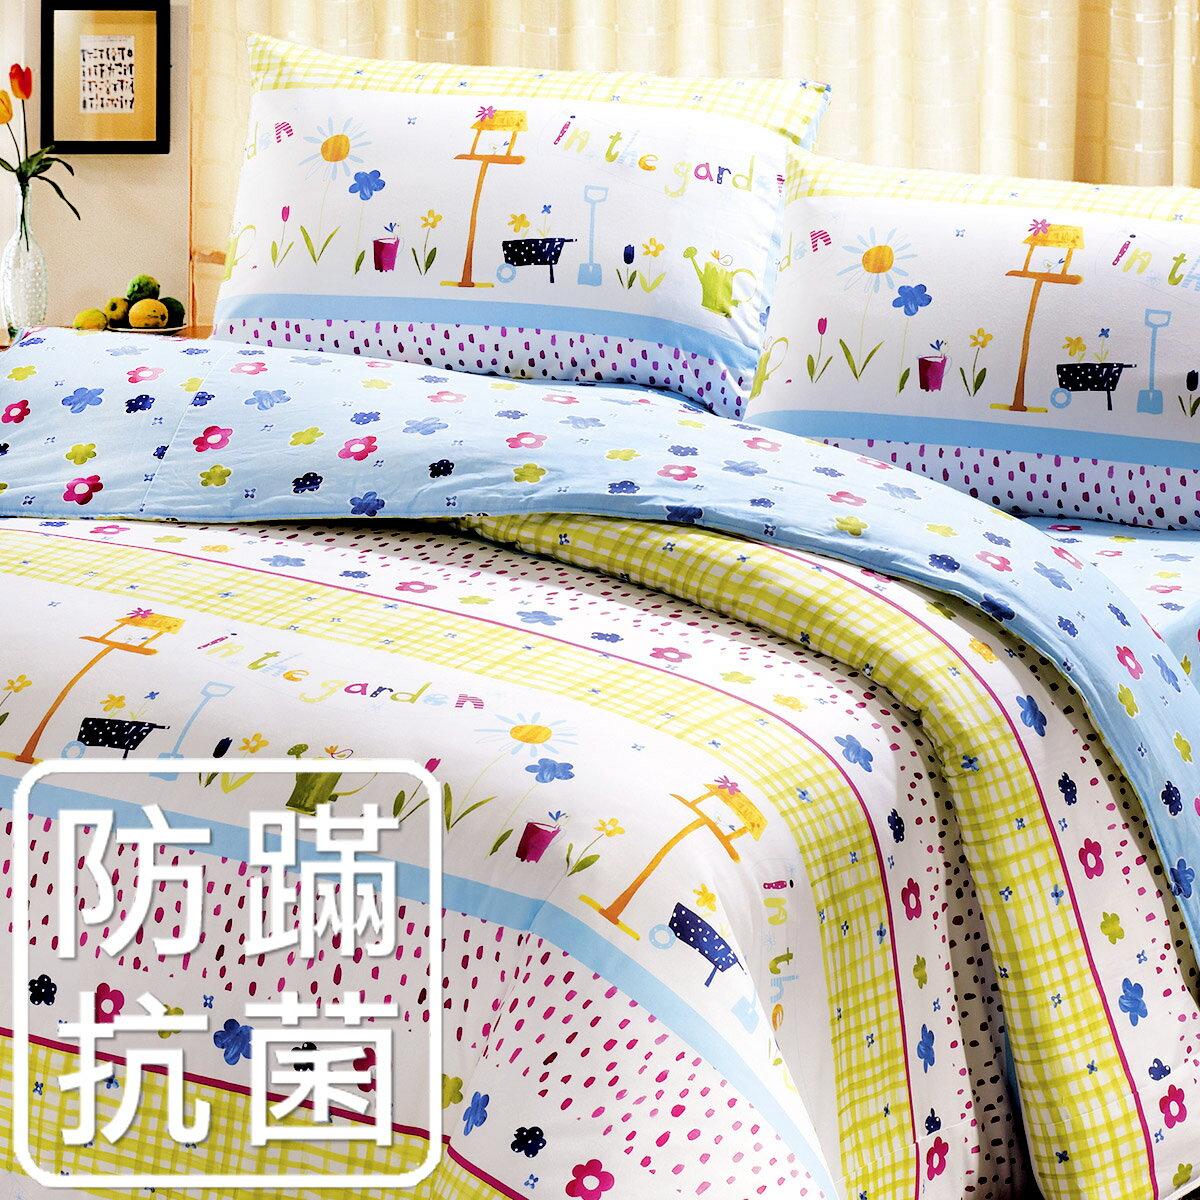 ~鴻宇‧防蟎抗菌~美國棉 防蹣抗菌寢具 製 雙人四件式兩用被床包組~180706 ~  好